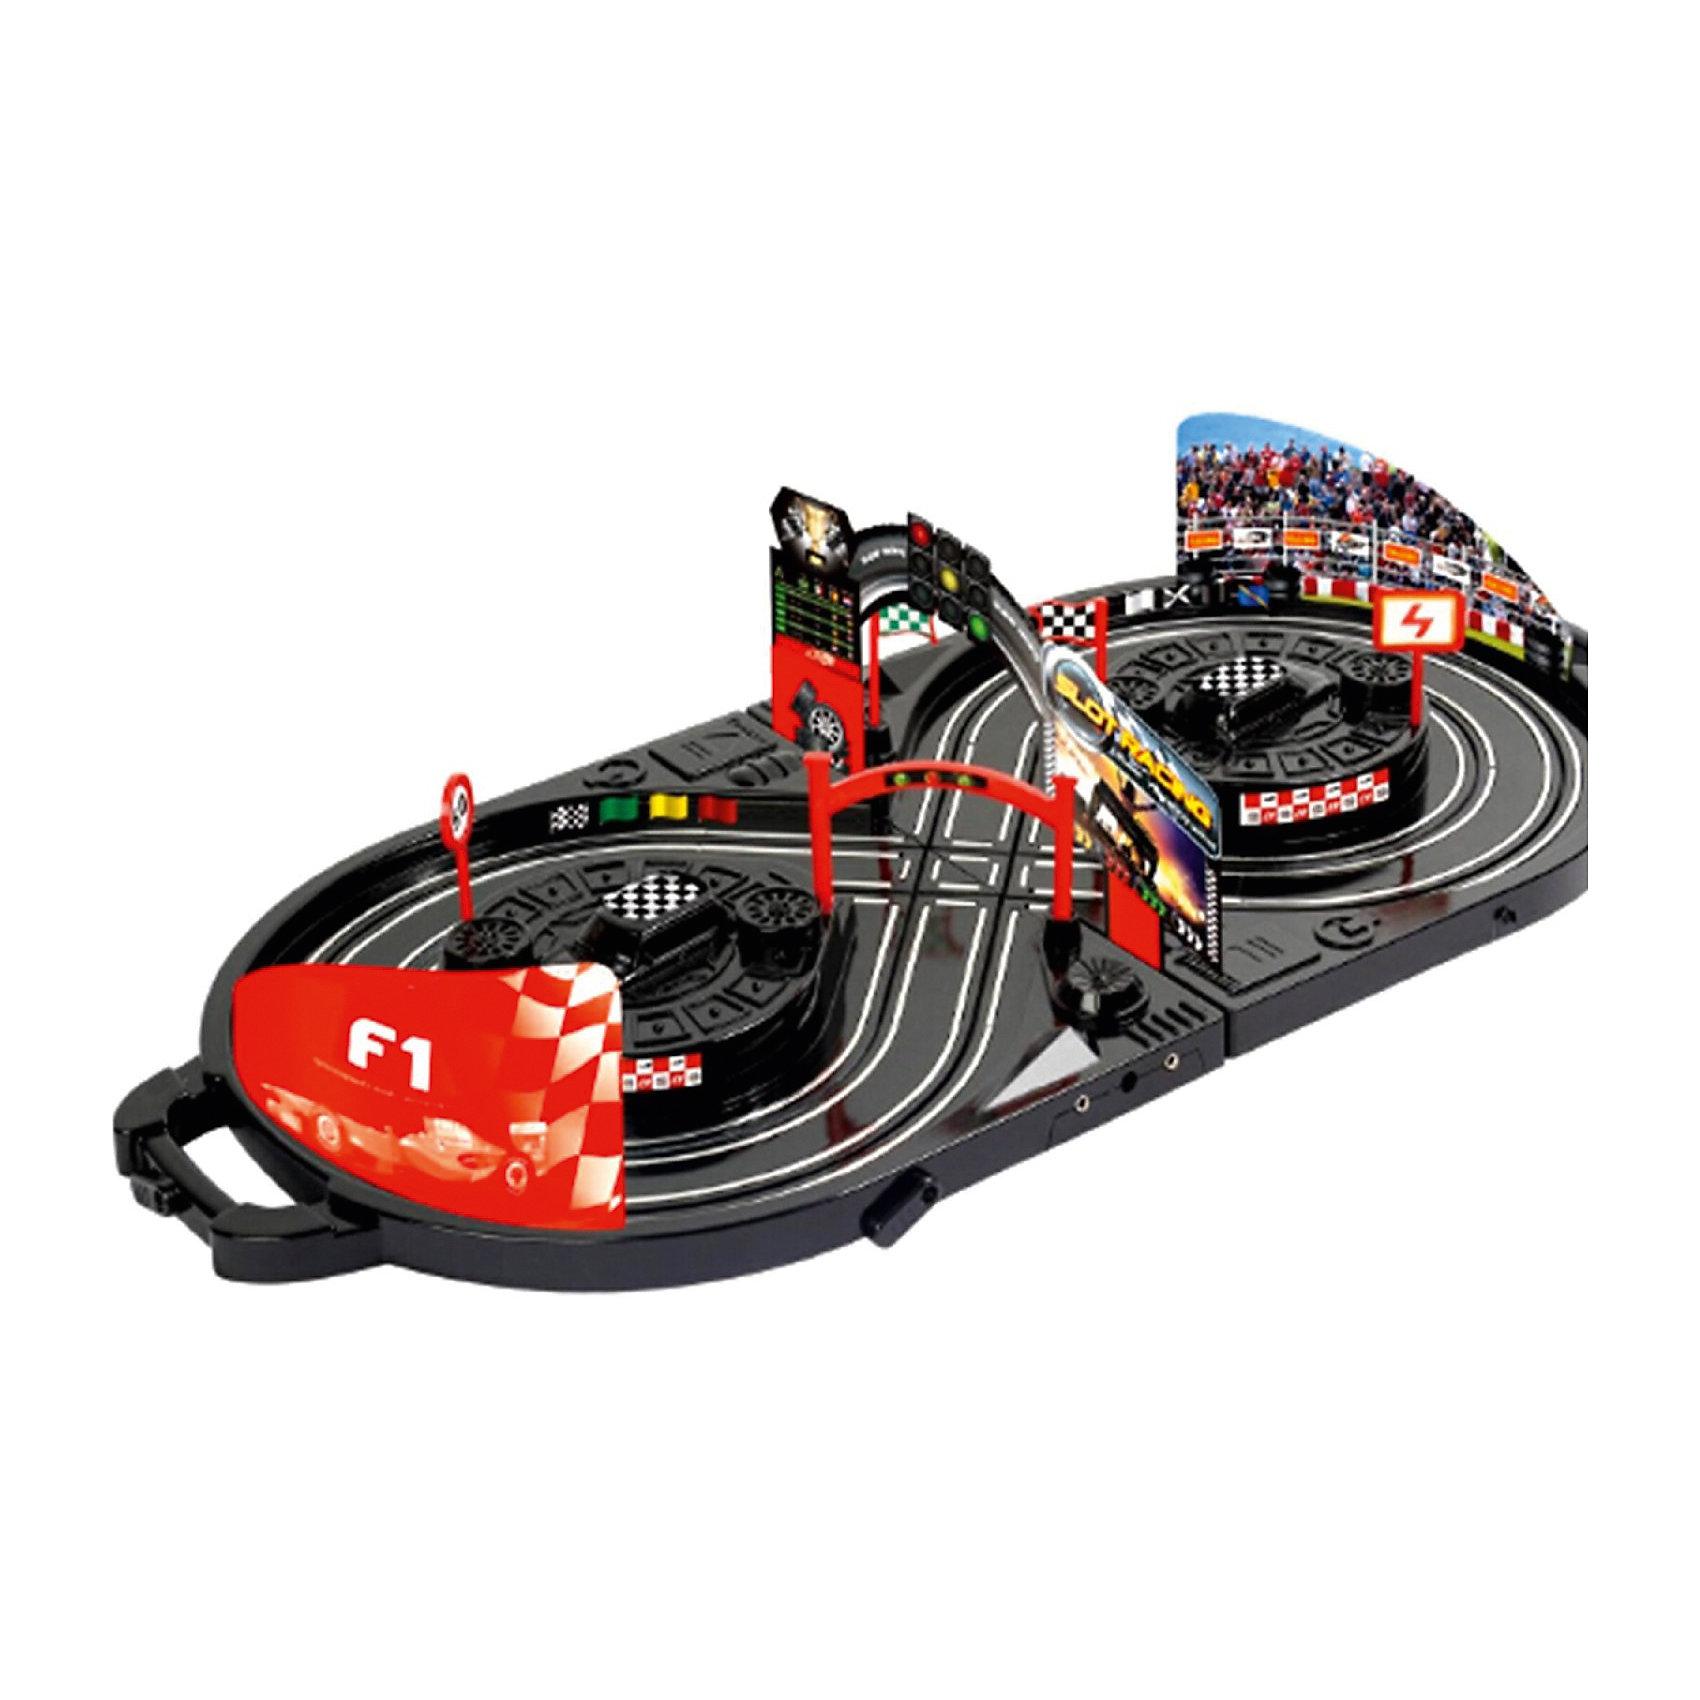 Автотрек Yako Toys Slot RacingАвтотреки<br>Автотрек. В чемодане. Размер в сборе: 76*36 см.<br><br>Ширина мм: 360<br>Глубина мм: 110<br>Высота мм: 390<br>Вес г: 1500<br>Возраст от месяцев: 36<br>Возраст до месяцев: 72<br>Пол: Мужской<br>Возраст: Детский<br>SKU: 7172281